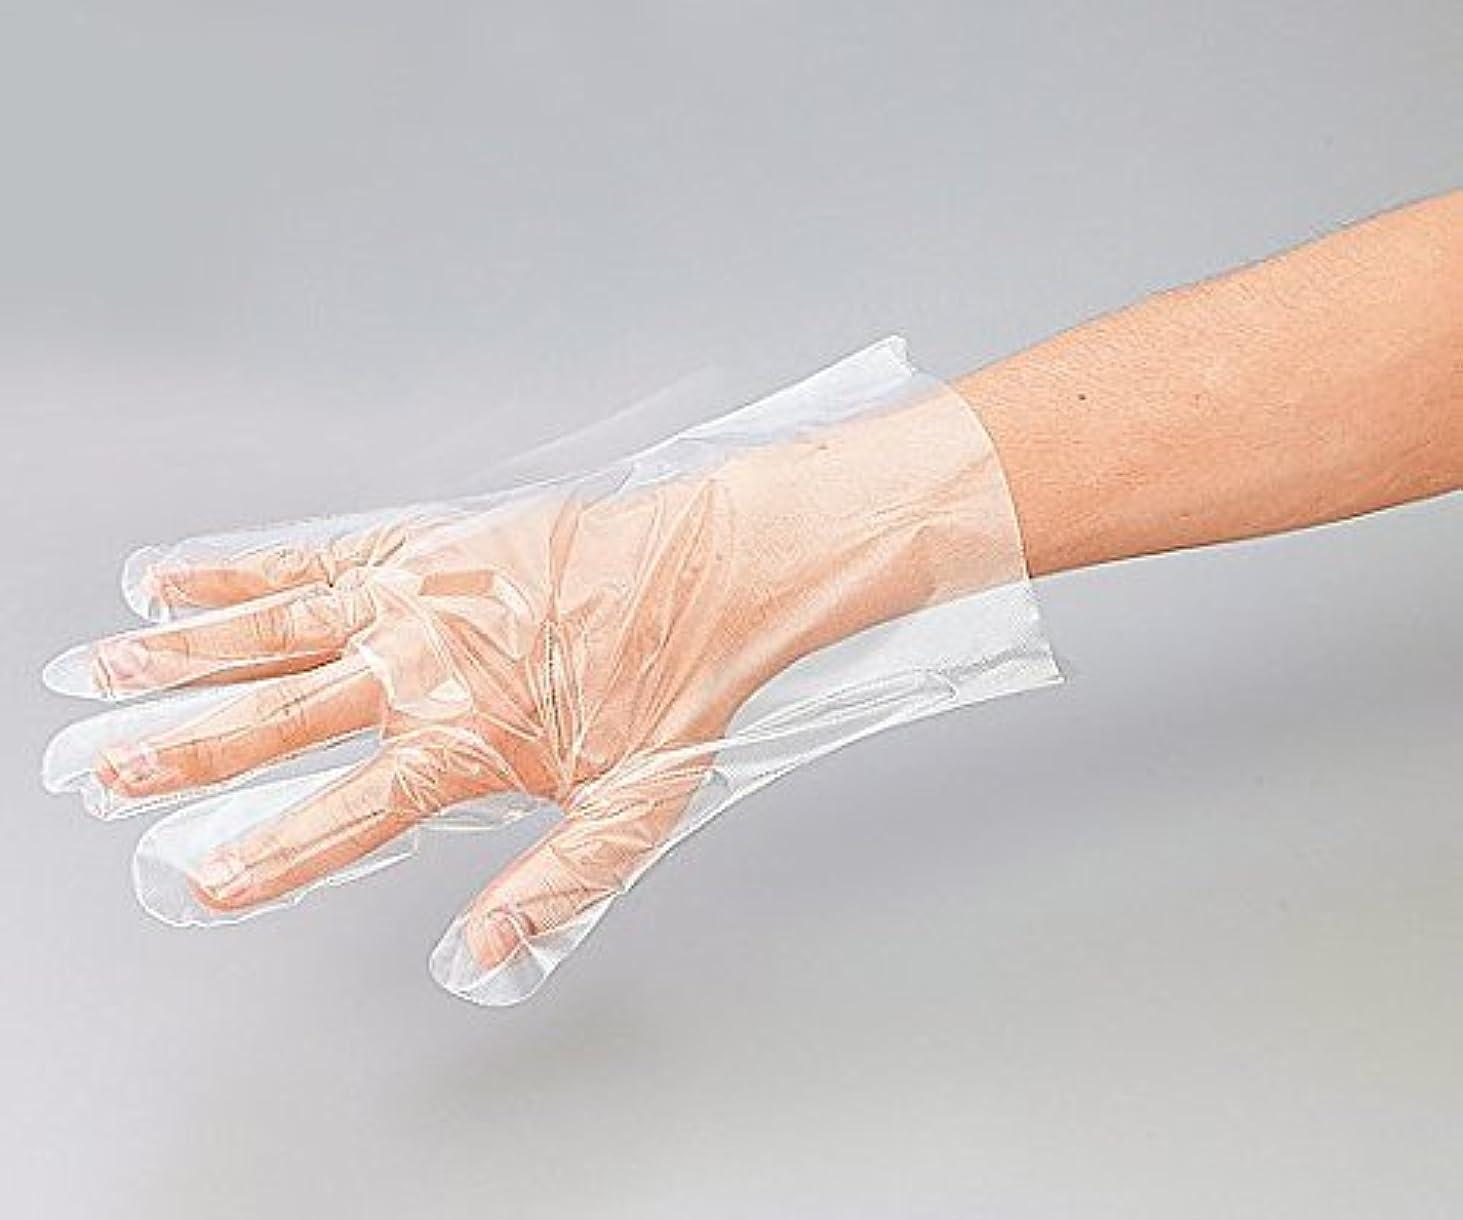 シニスぬいぐるみ整理するナビス(アズワン)8-2587-03プロシェアポリエチレン手袋エンボス無S